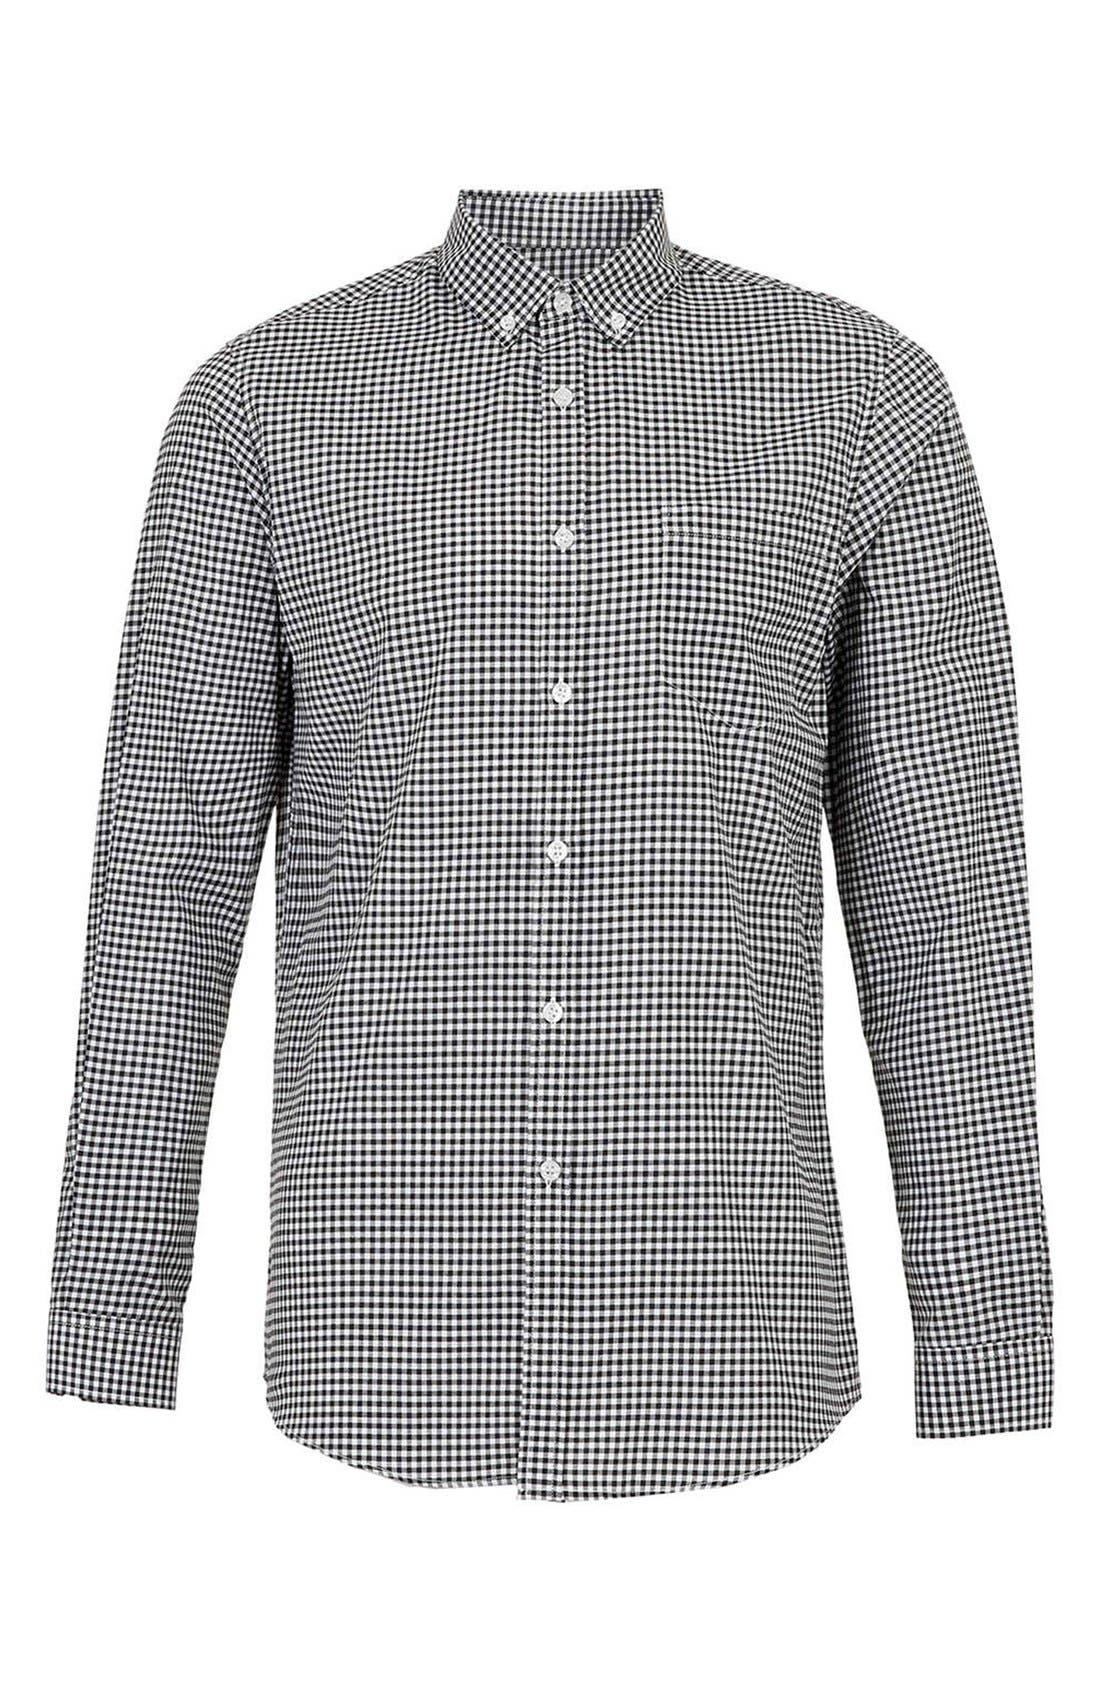 Main Image - Topman Slim Fit Gingham Shirt